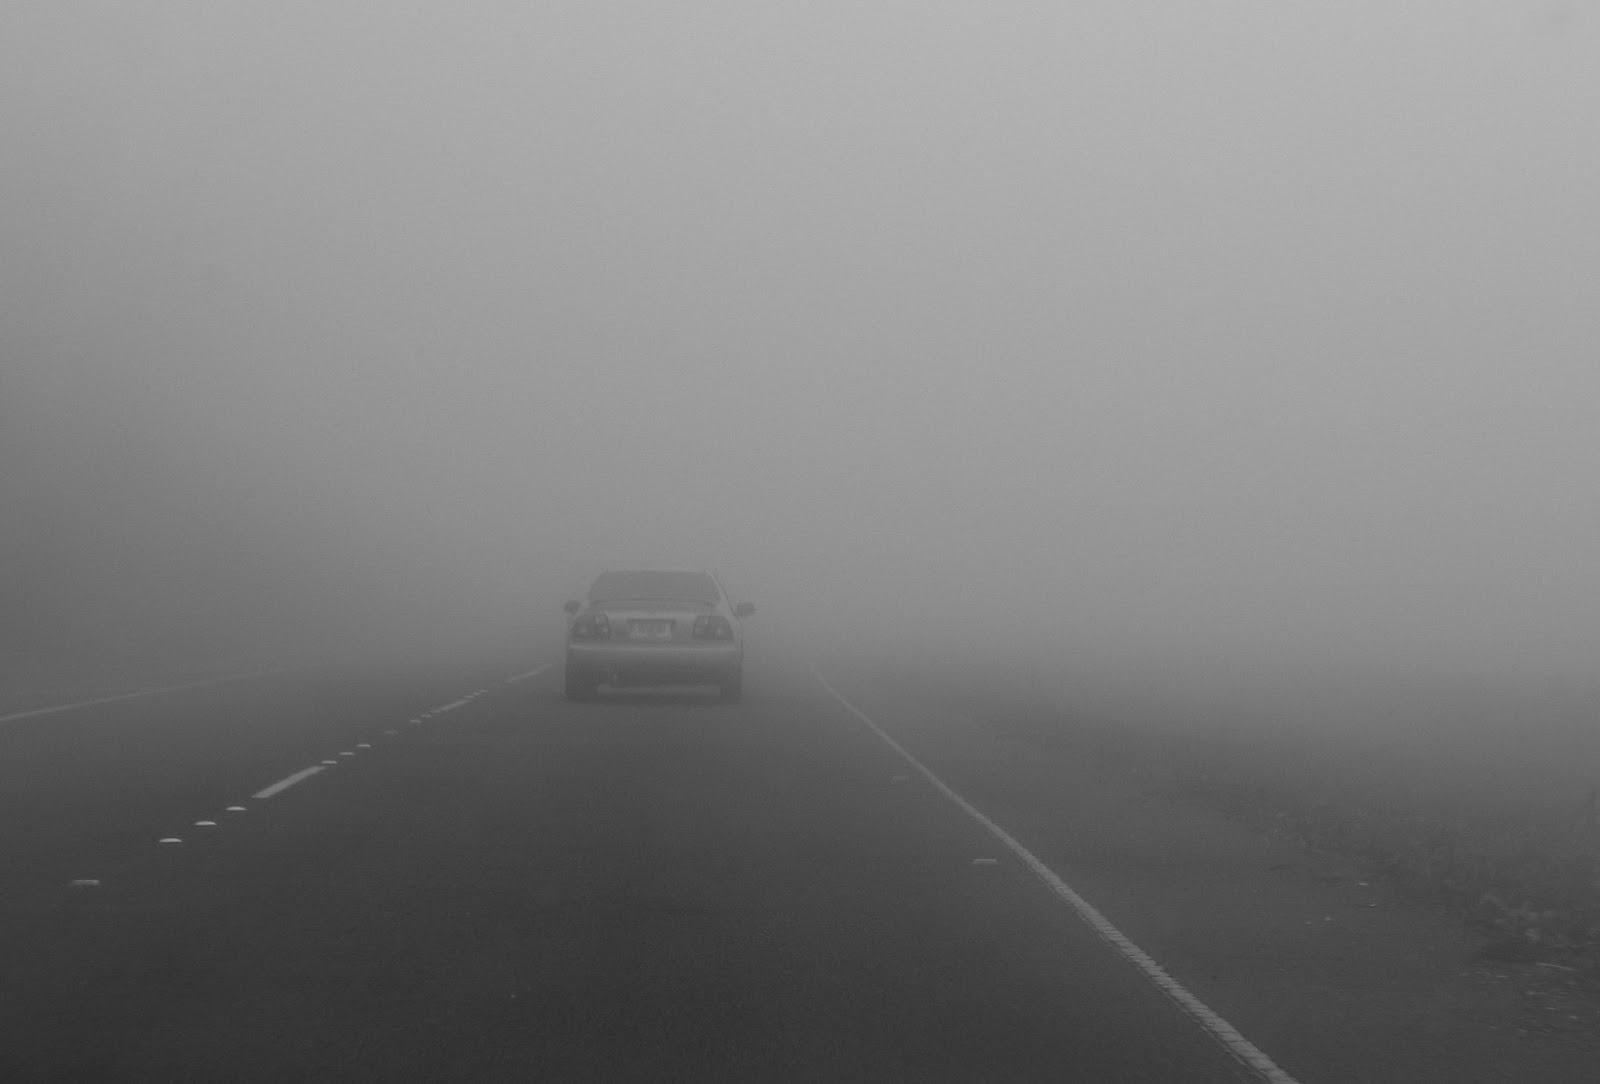 Eső, köd, lecsapódó pára, nyálkás utak - biztonságos vezetés ősszel is